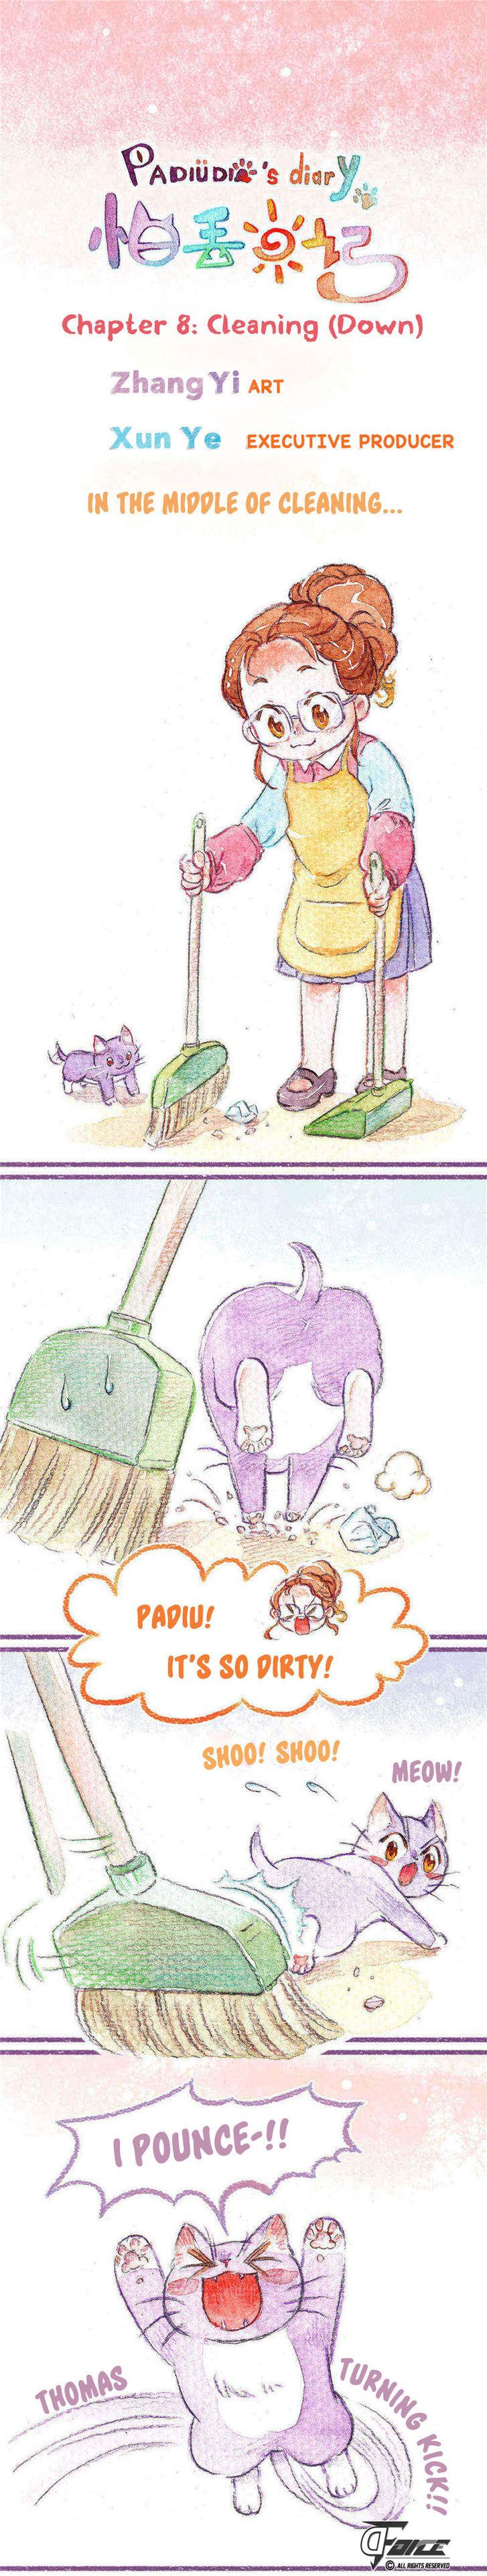 Padiu's diary 8: Cleaning (Down) at MangaFox.la